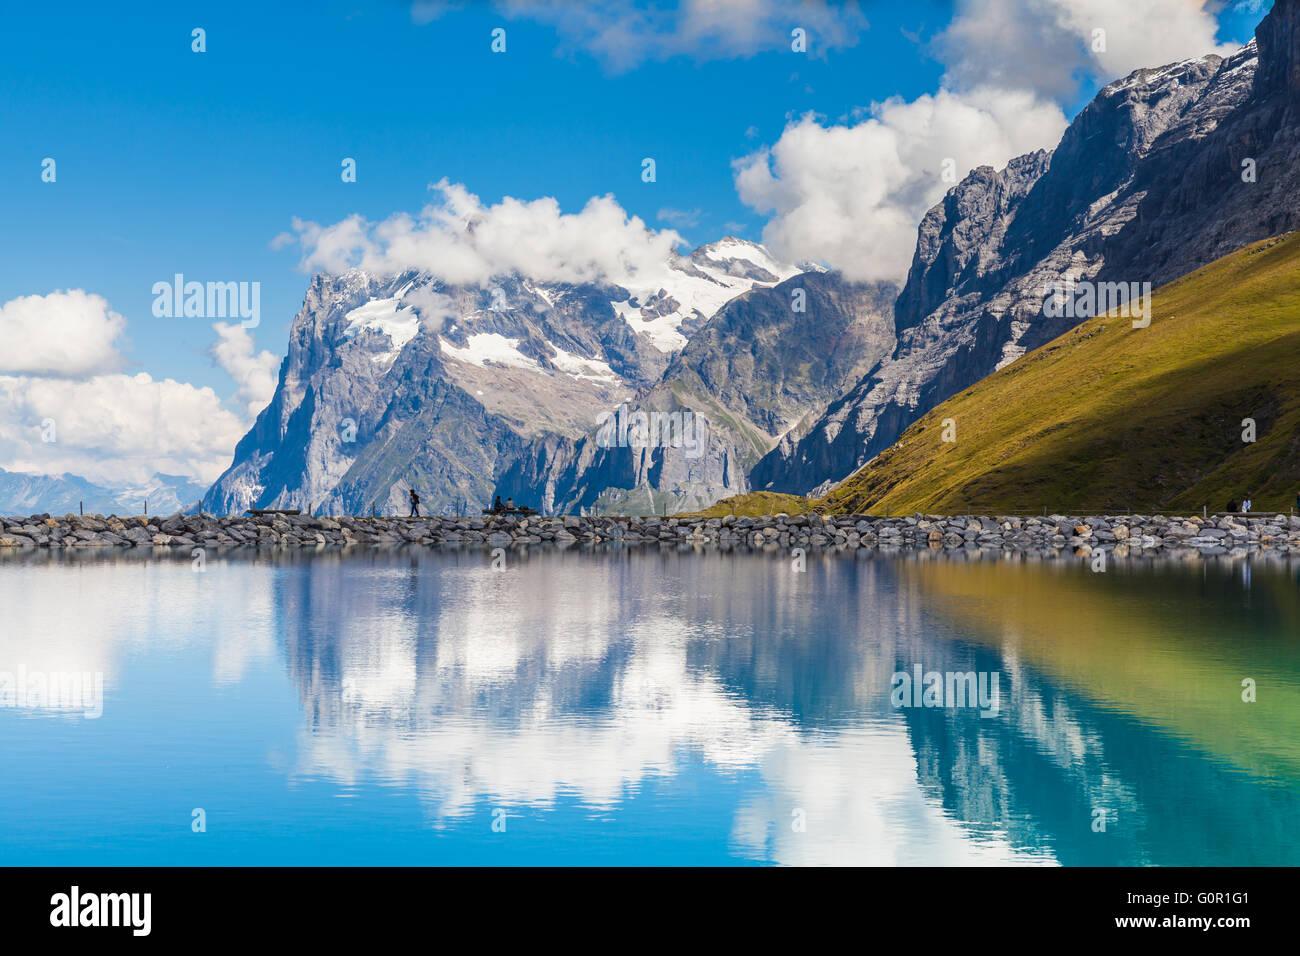 Herrlichem Blick auf Wetterhorn mit Spiegelbild im schönen Teich auf dem Berner Oberland an einem sonnigen Stockbild